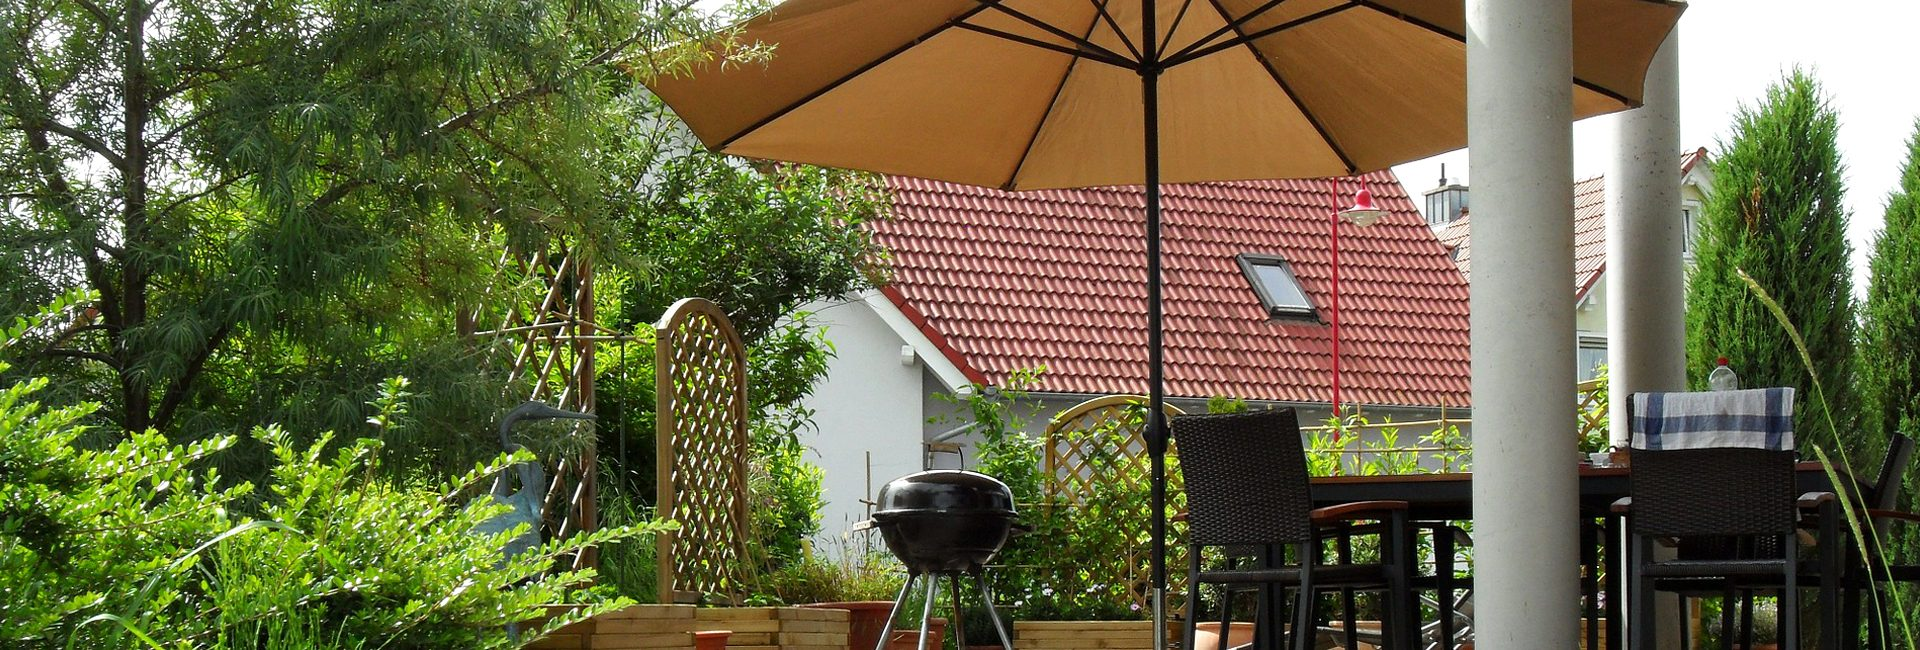 sonnenschutz f r terrasse und balkon baul we bau und. Black Bedroom Furniture Sets. Home Design Ideas